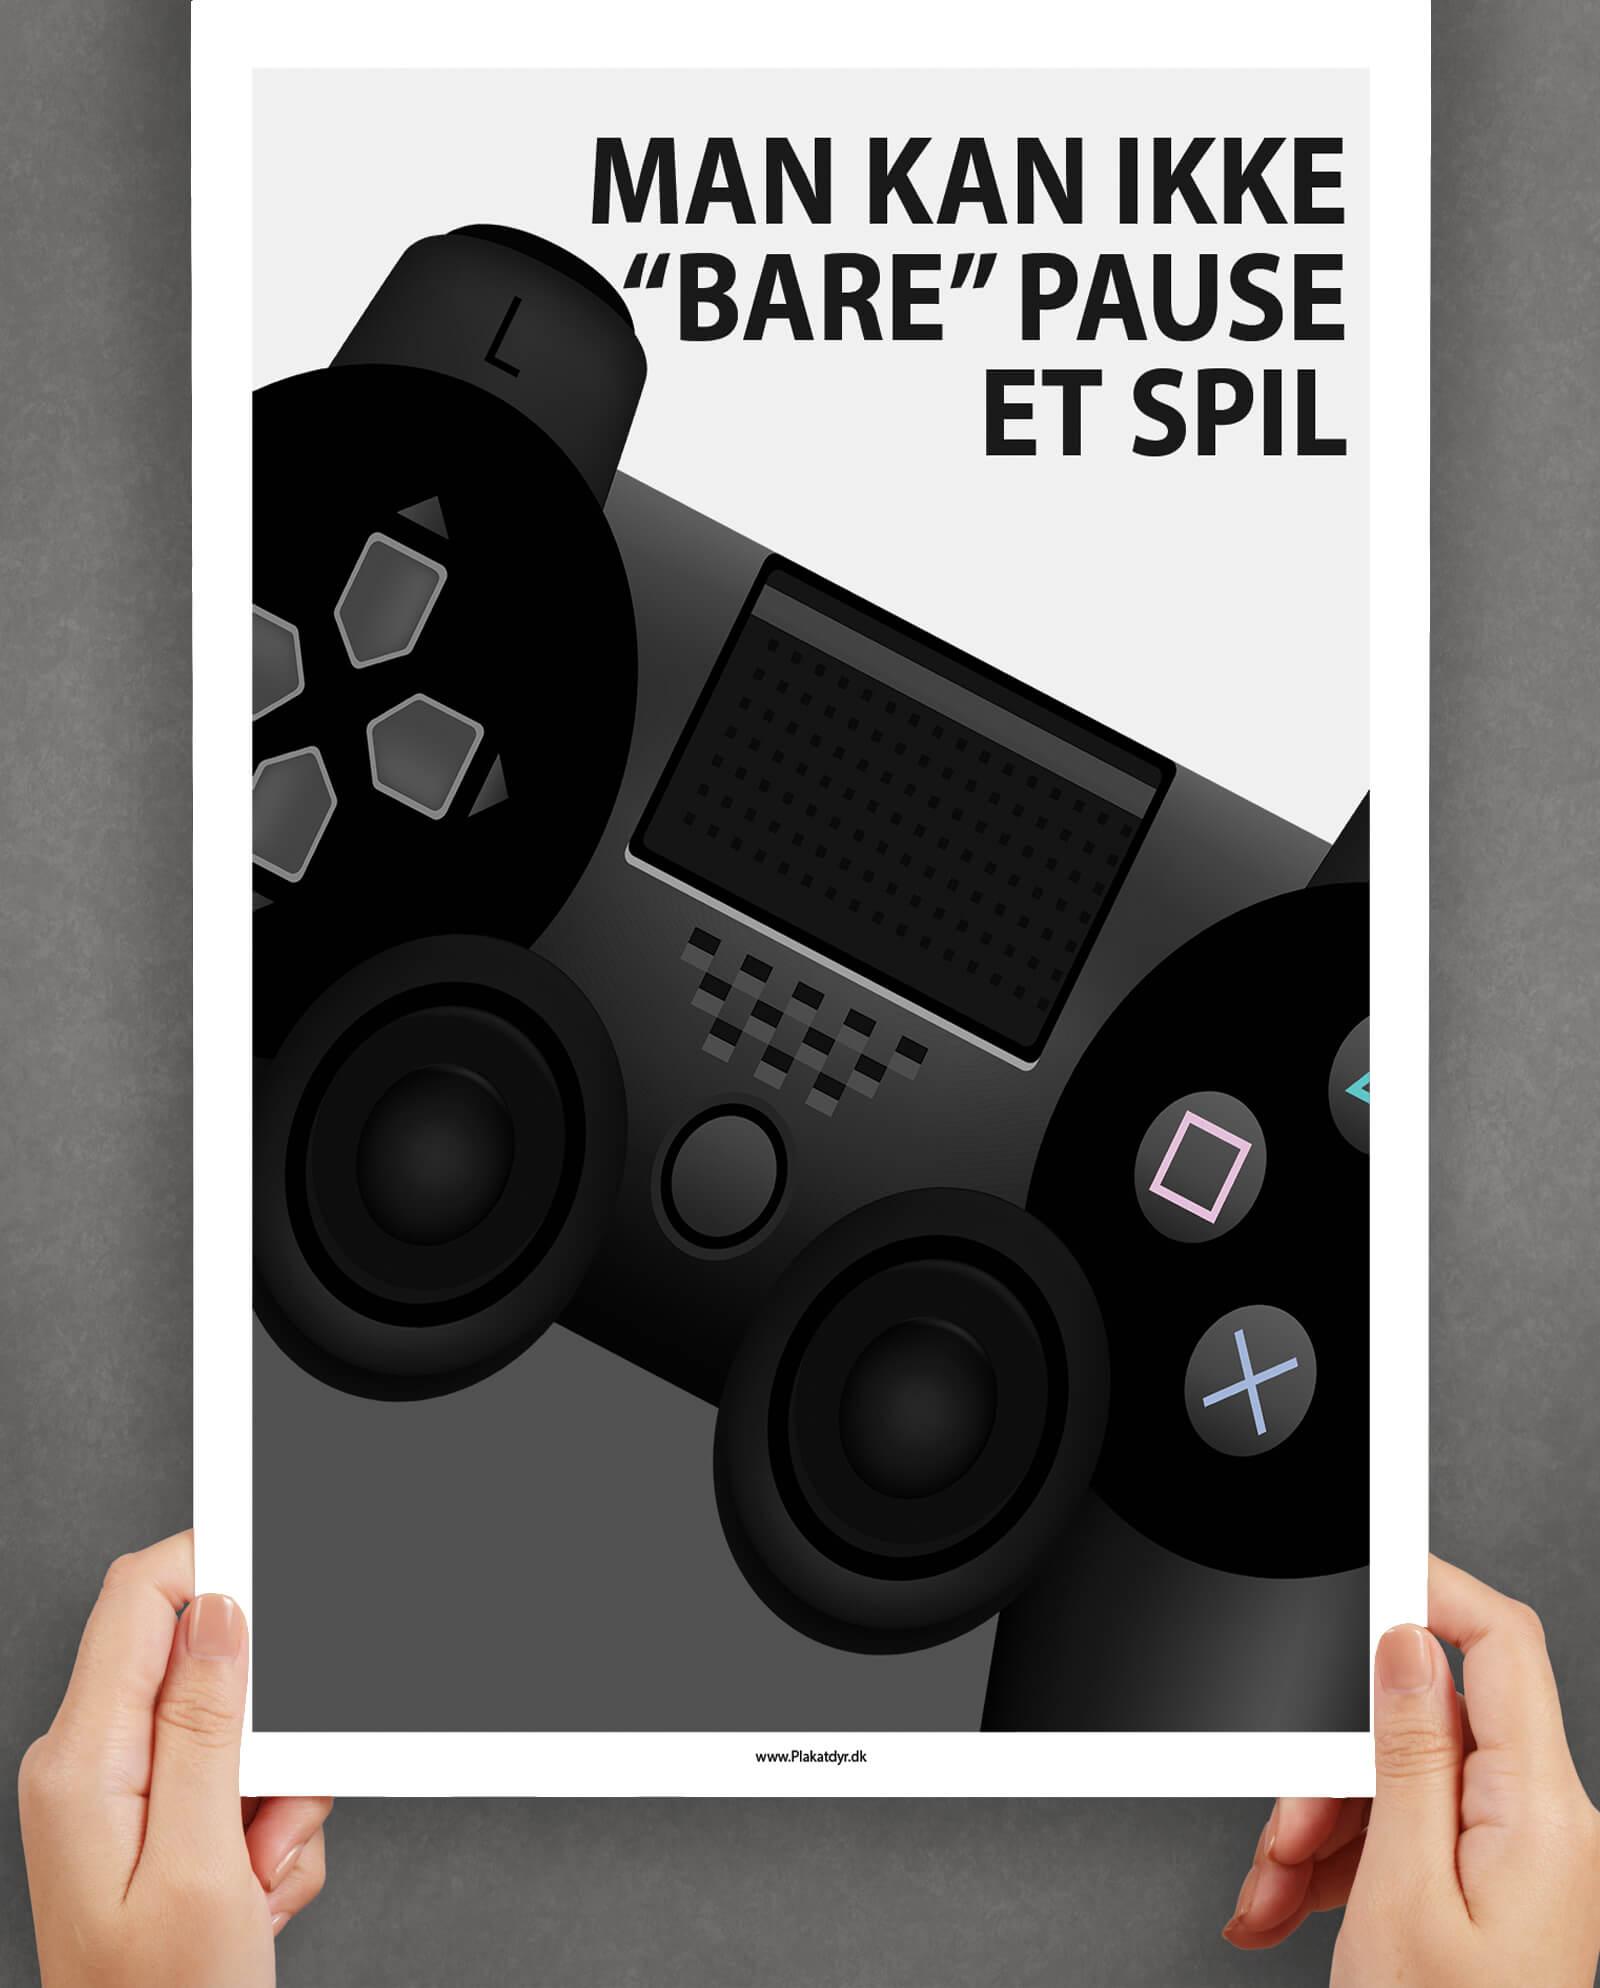 Man kan ikke bare pause et spil-gamer-plakater-1